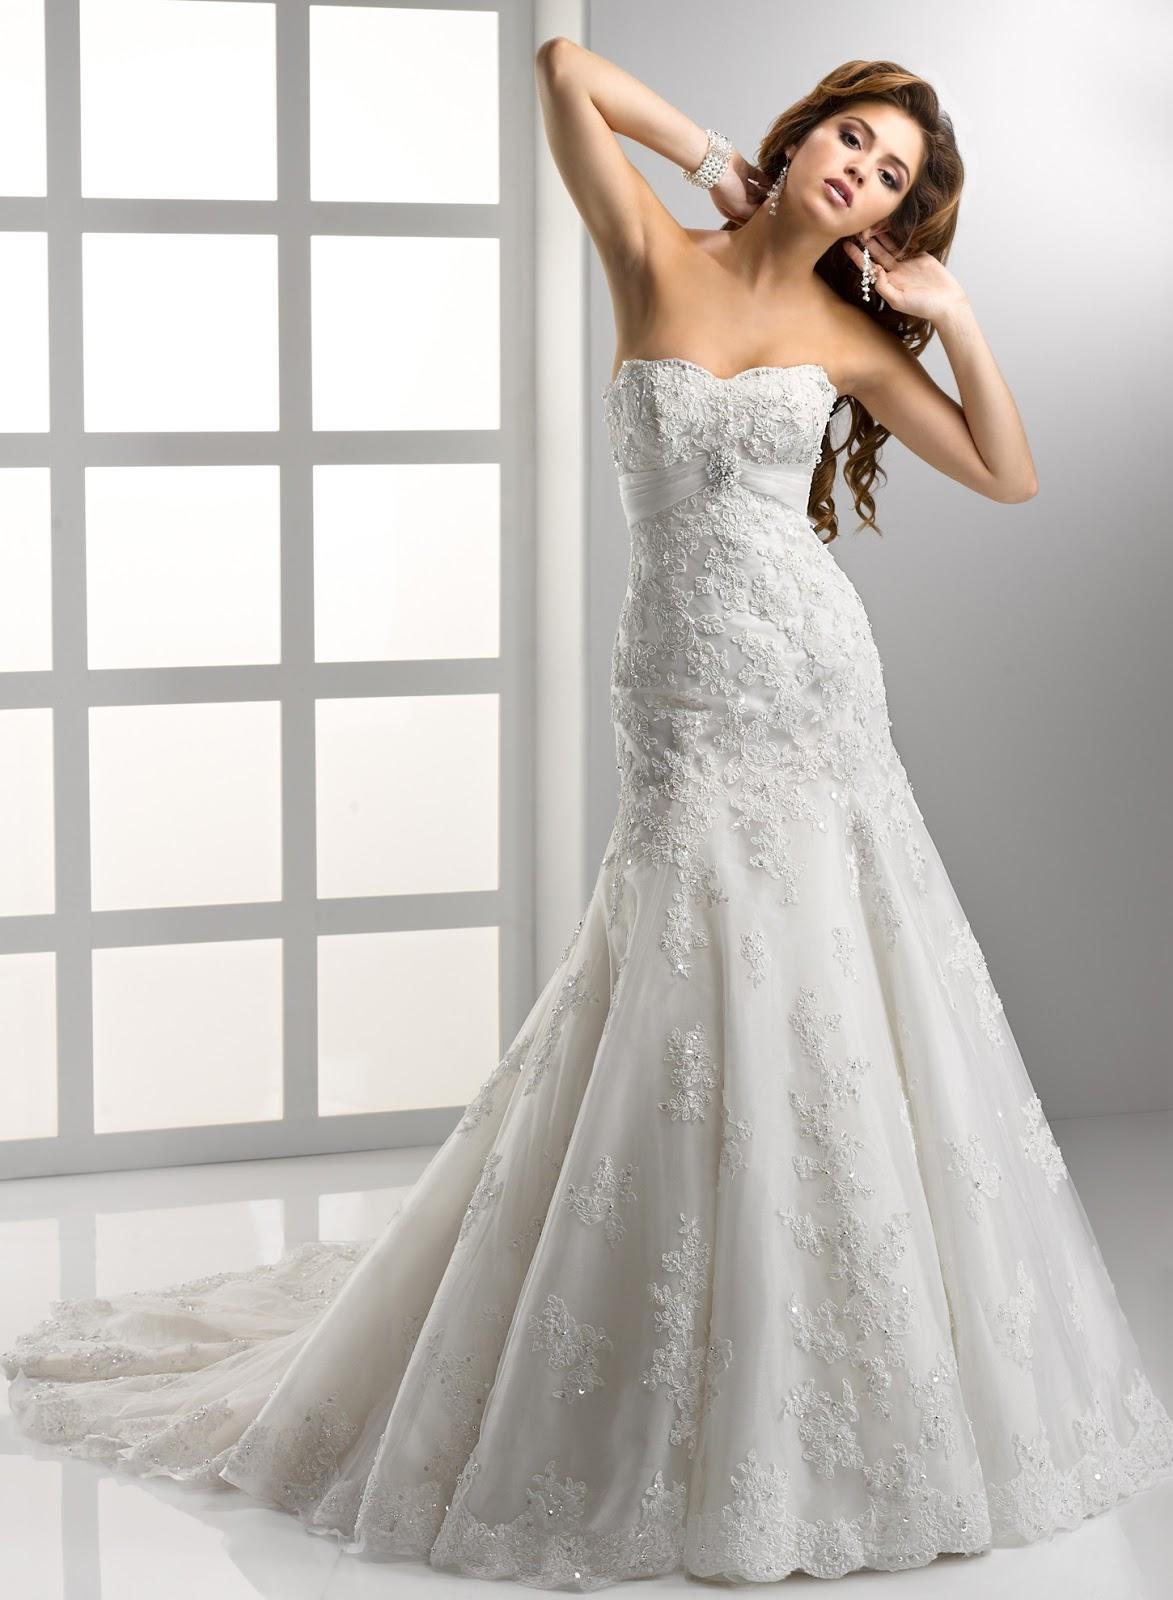 Luxus Brautkleid Online Blog: Spitze Brautkleider - Ein Zeitloser ...